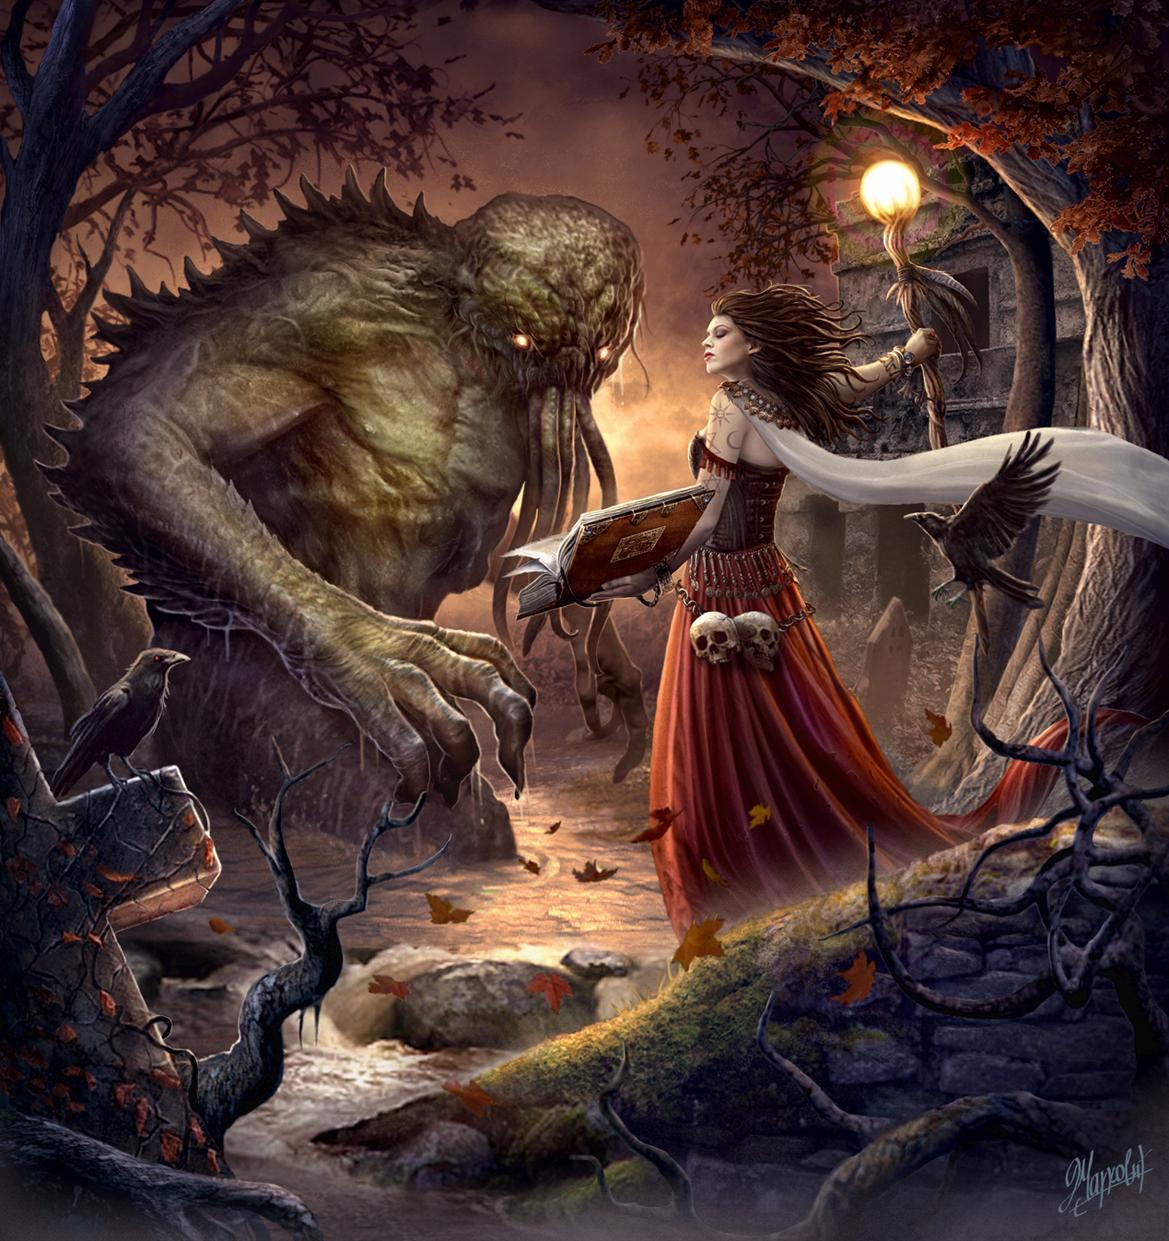 Galeria de Arte: Ficção & Fantasia 1 - Página 5 Witch_and_monster_by_dusanmarkovic-d7hcmdc